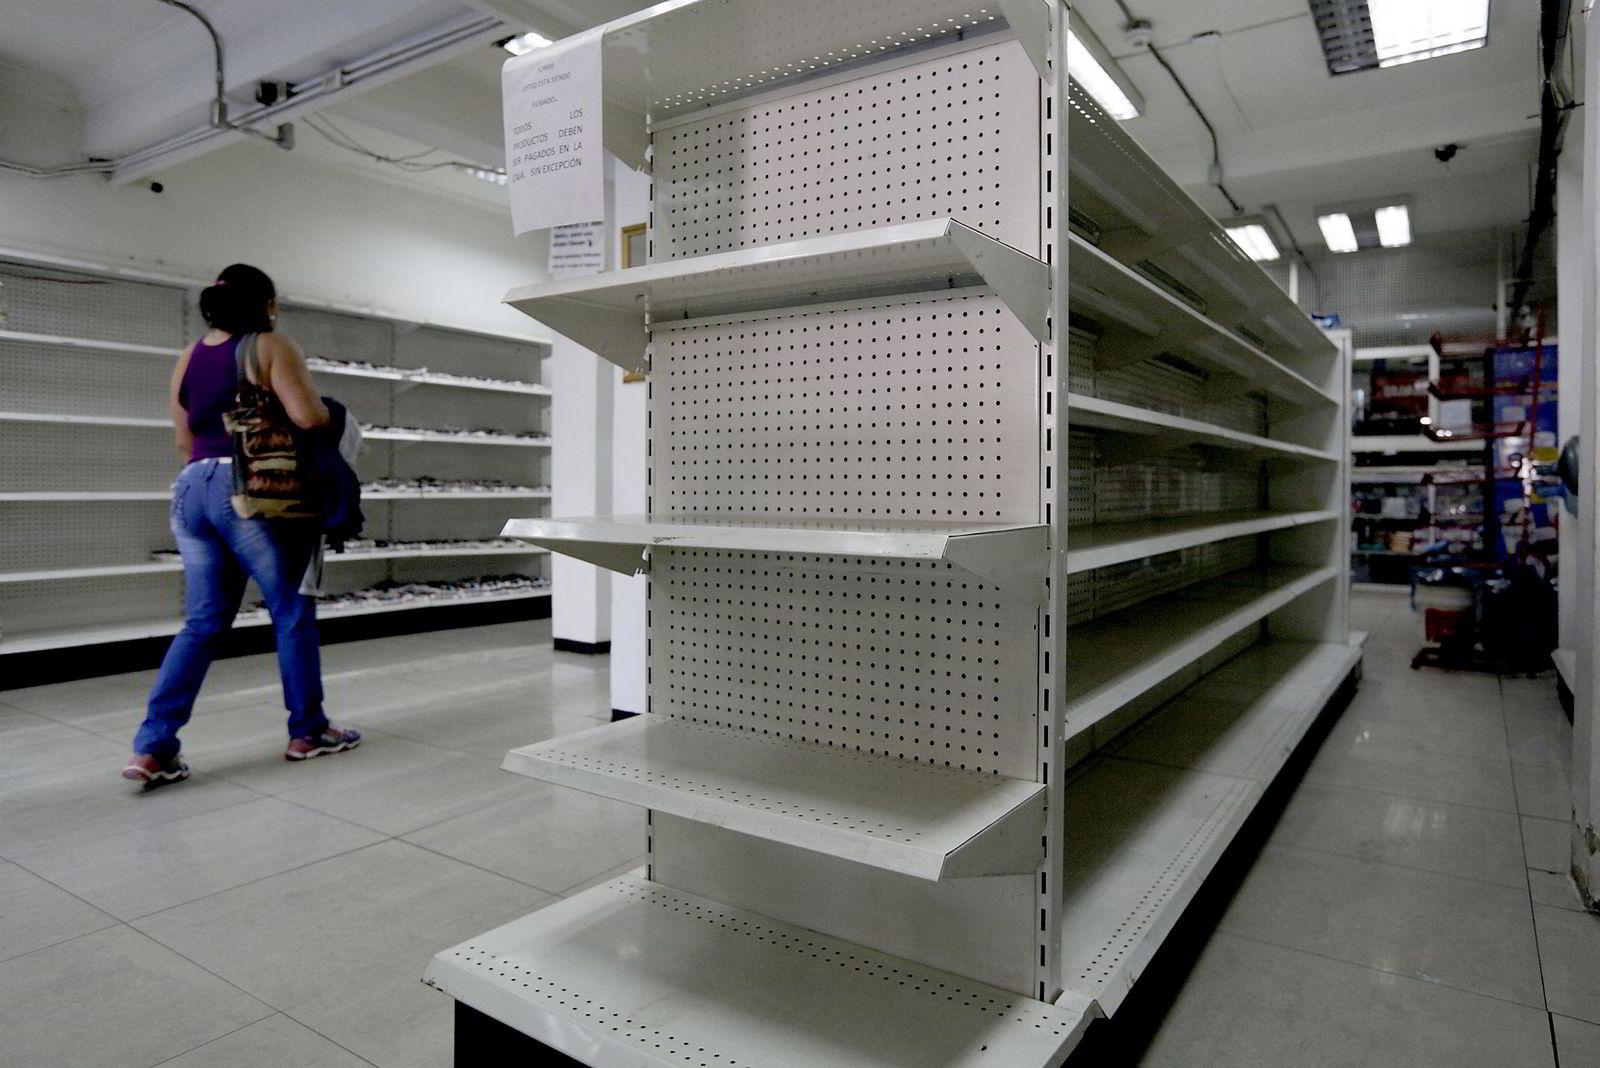 Tomme hyller er blitt et vanlig syn for innbyggerne i Venezuela. Både mavarer og medisiner er mangelvare i landet. Her fra et apotek i landets hovedstad i februar i år. Foto: REUTERS/Marco Bello/NTB Scanpix